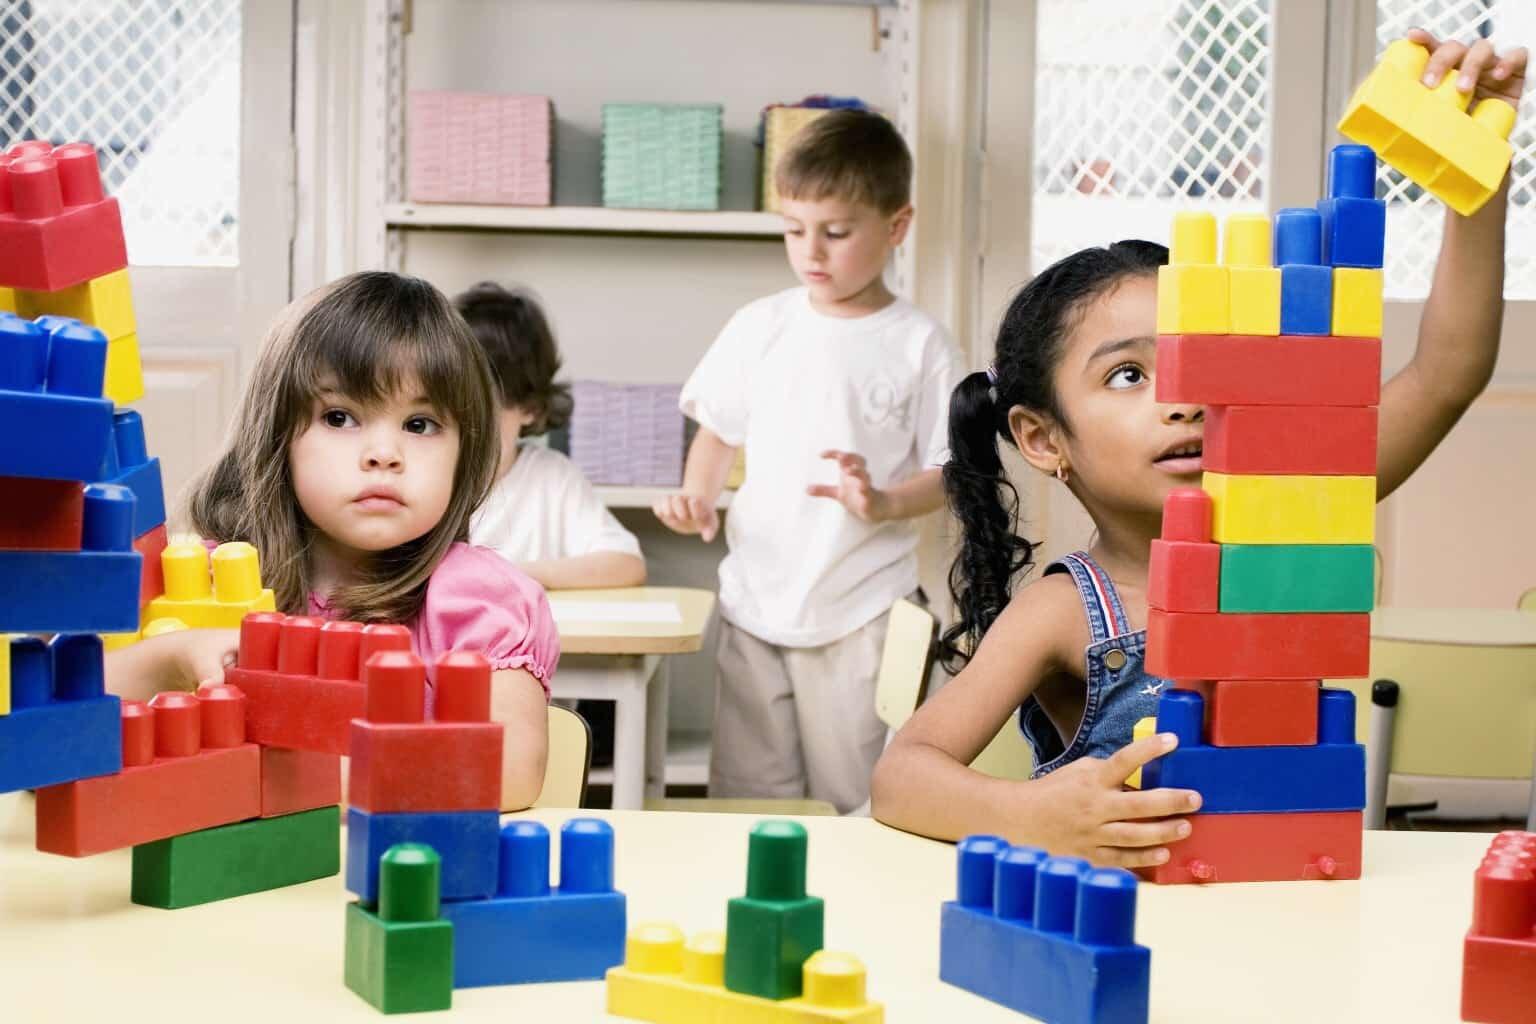 Sử dụng các sản phẩm thuốc bổ não giúp tăng khả năng tiếp thu của trẻ